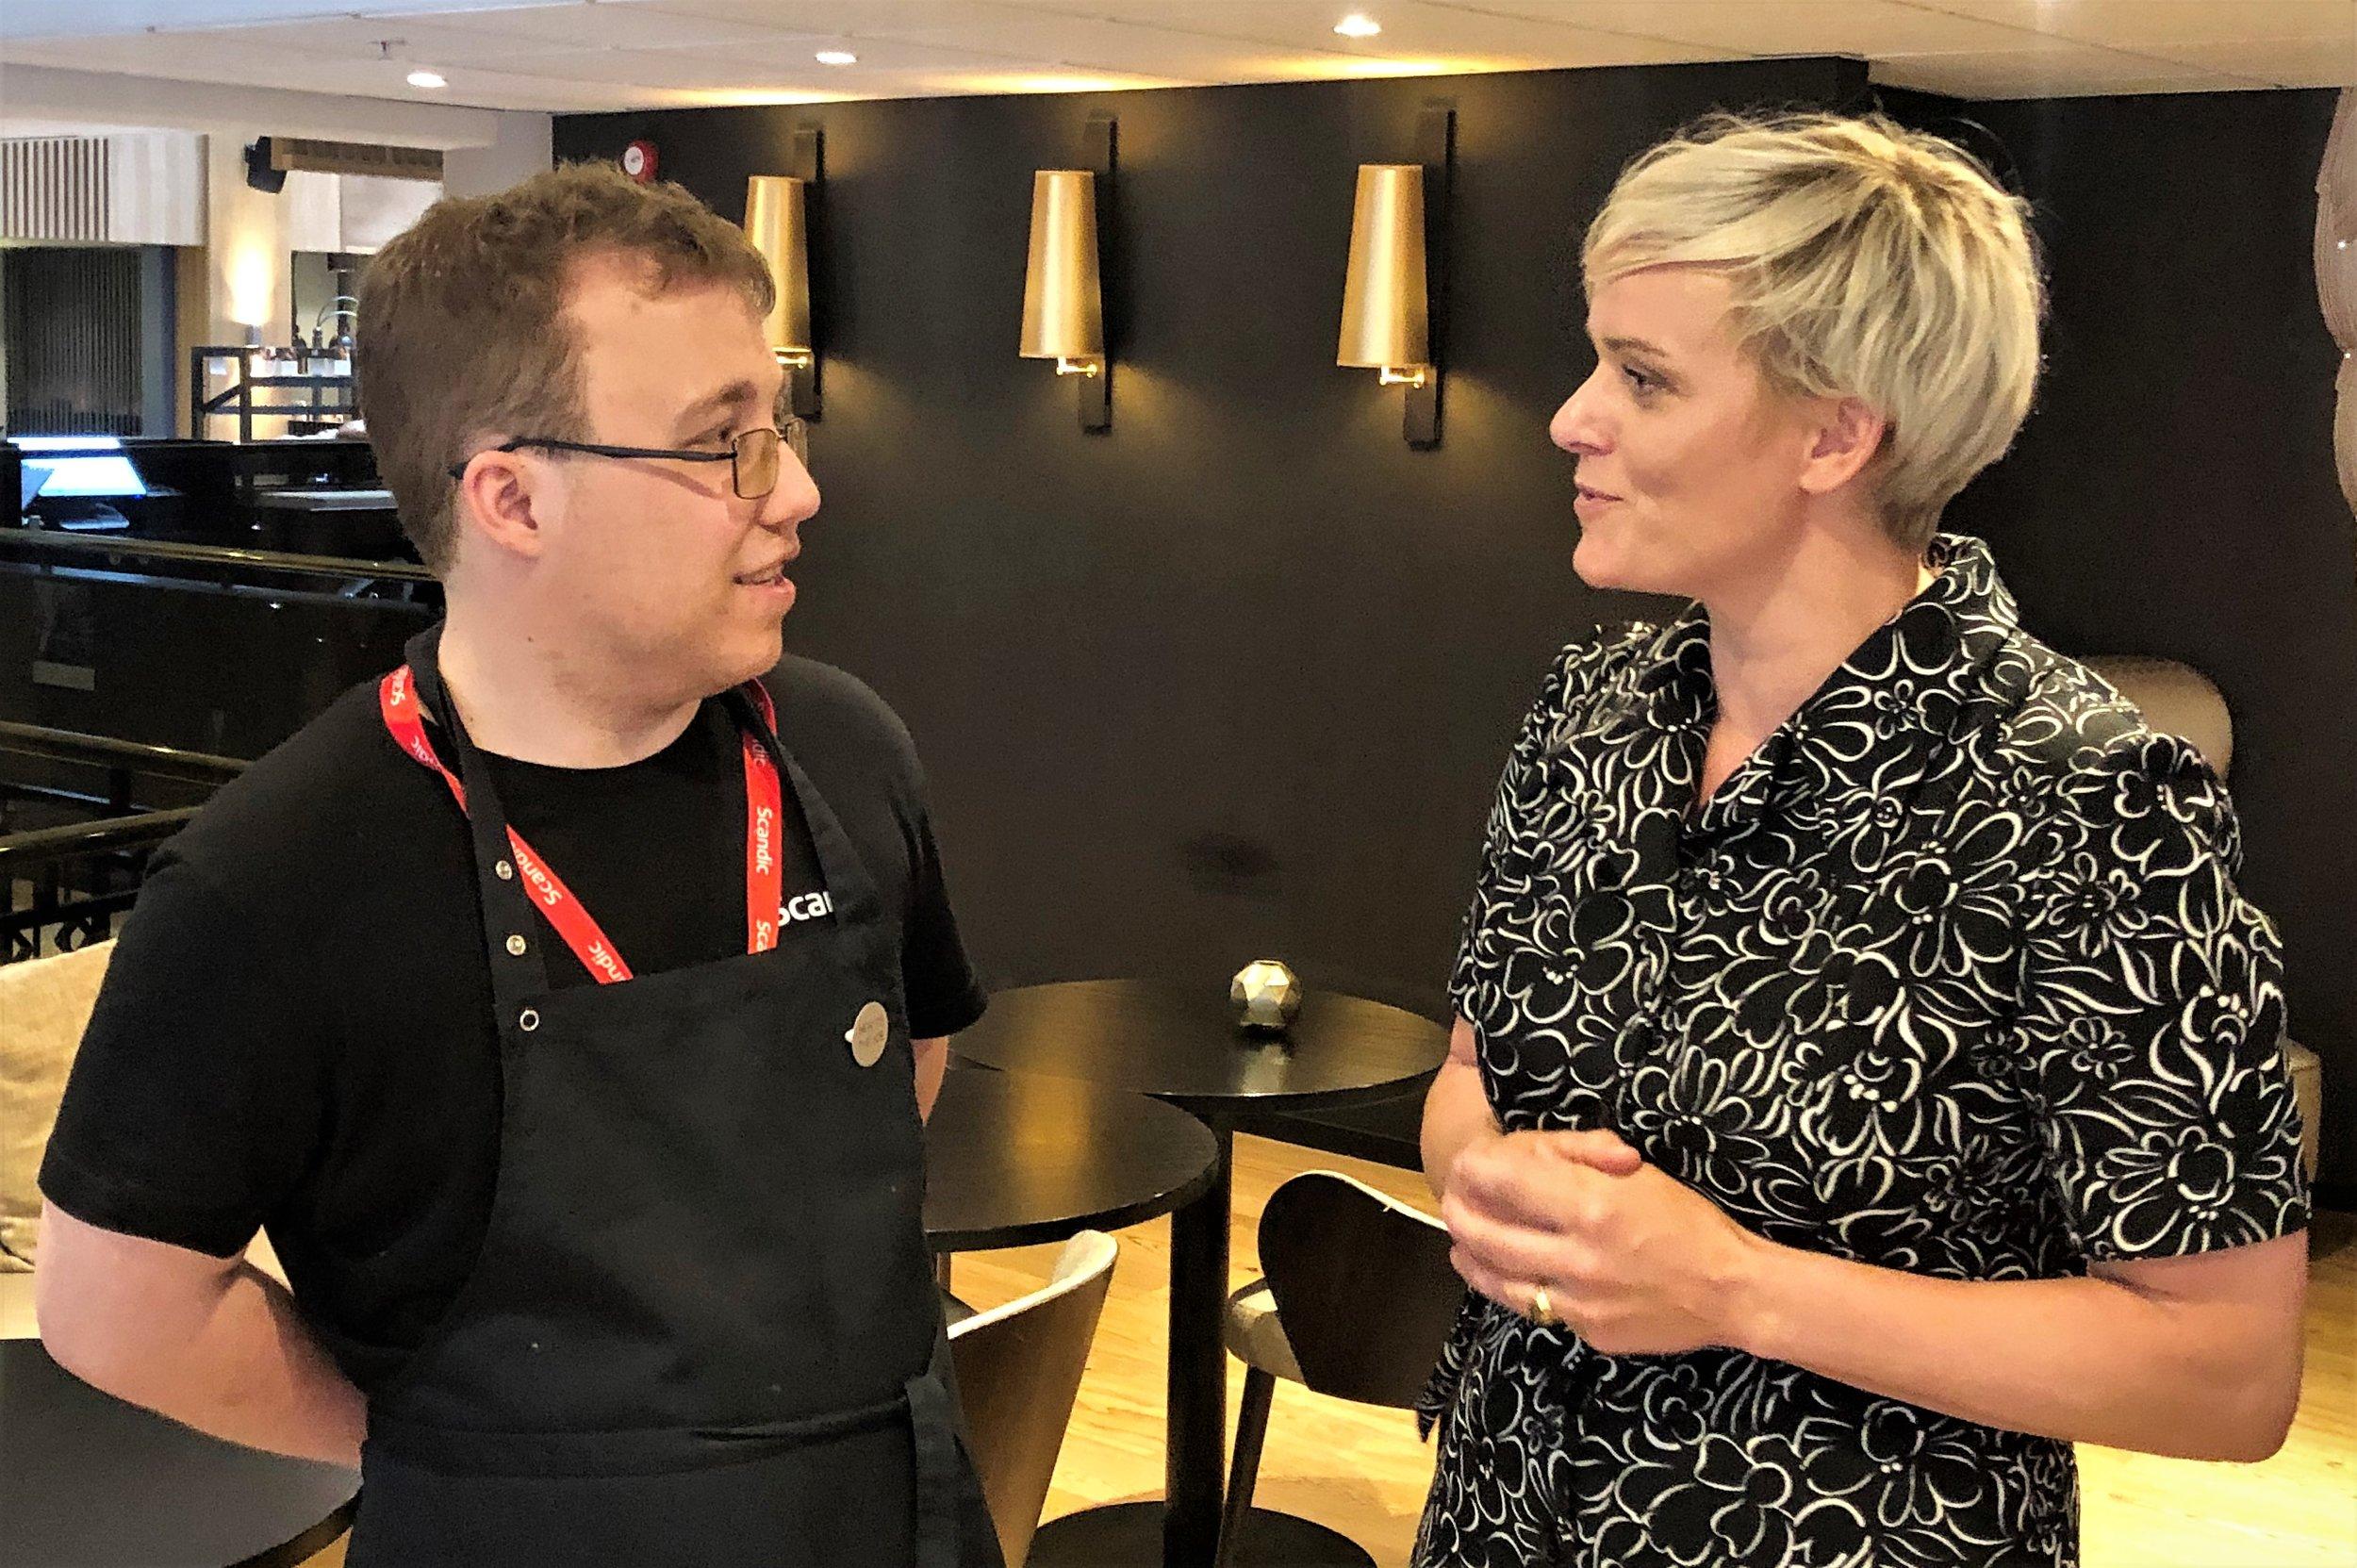 Fredrik Engebrektsen forteller stortingsrepresentant Margret Hagerup (H) om hvilke arbeidsoppgaver han utfører, hvordan det var å stå utenfor arbeidslivet og hvor mye det har betydd for ham å få denne muligheten av Scandic.